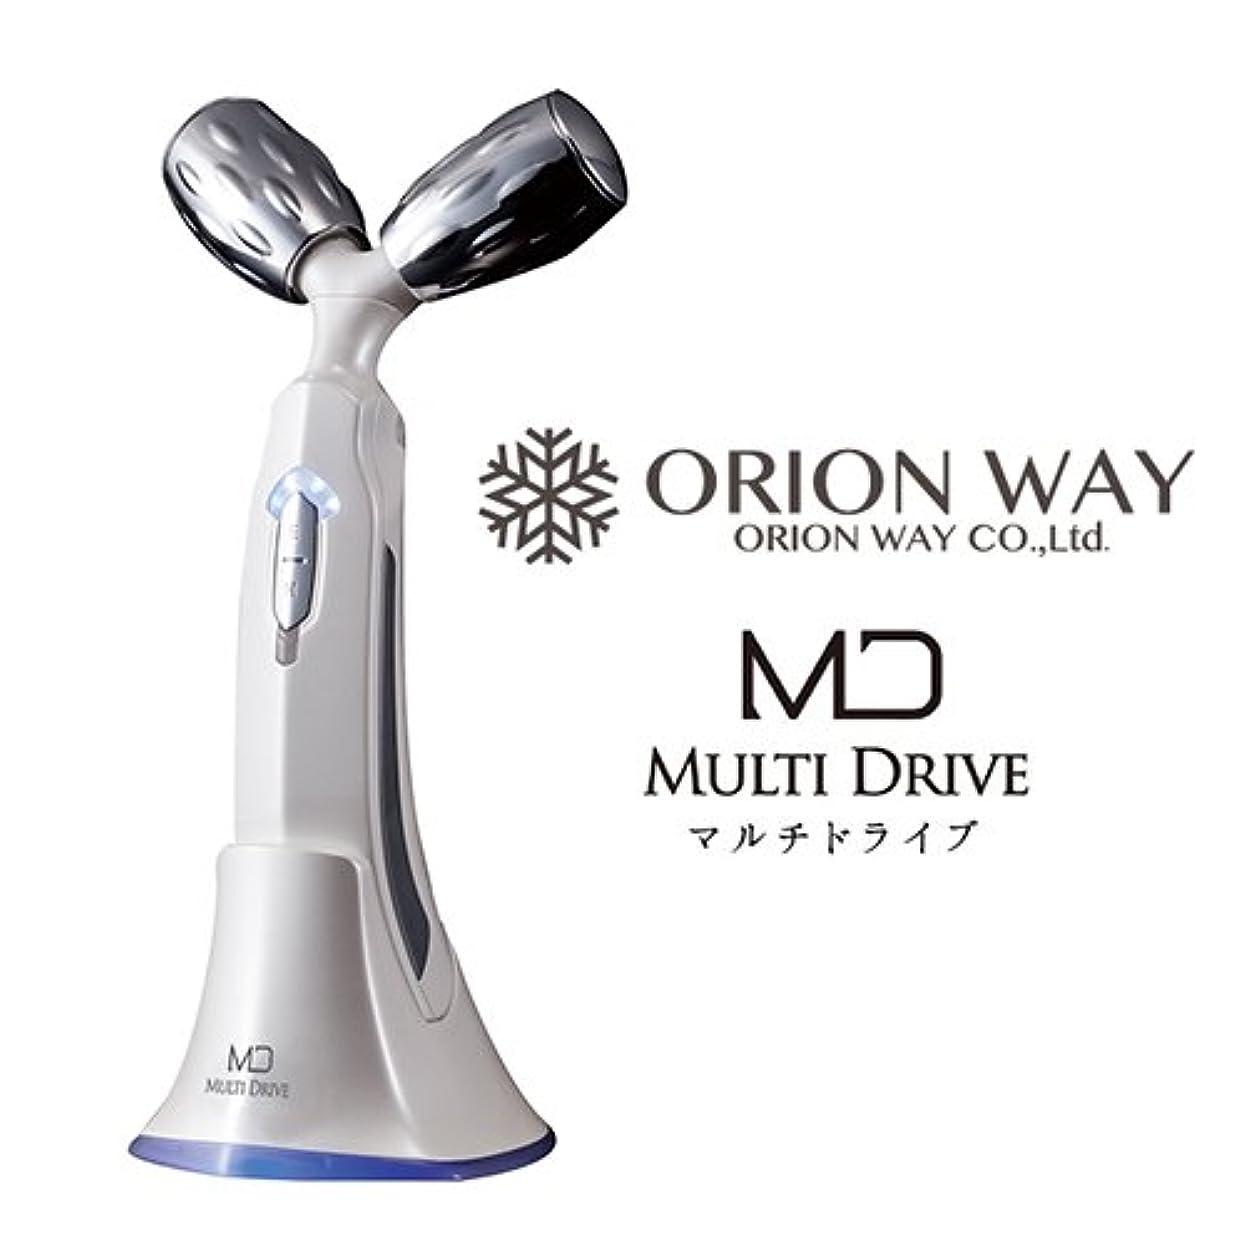 進捗敬意を表する者美容機器 MULTI DRIVE (マルチドライブ)